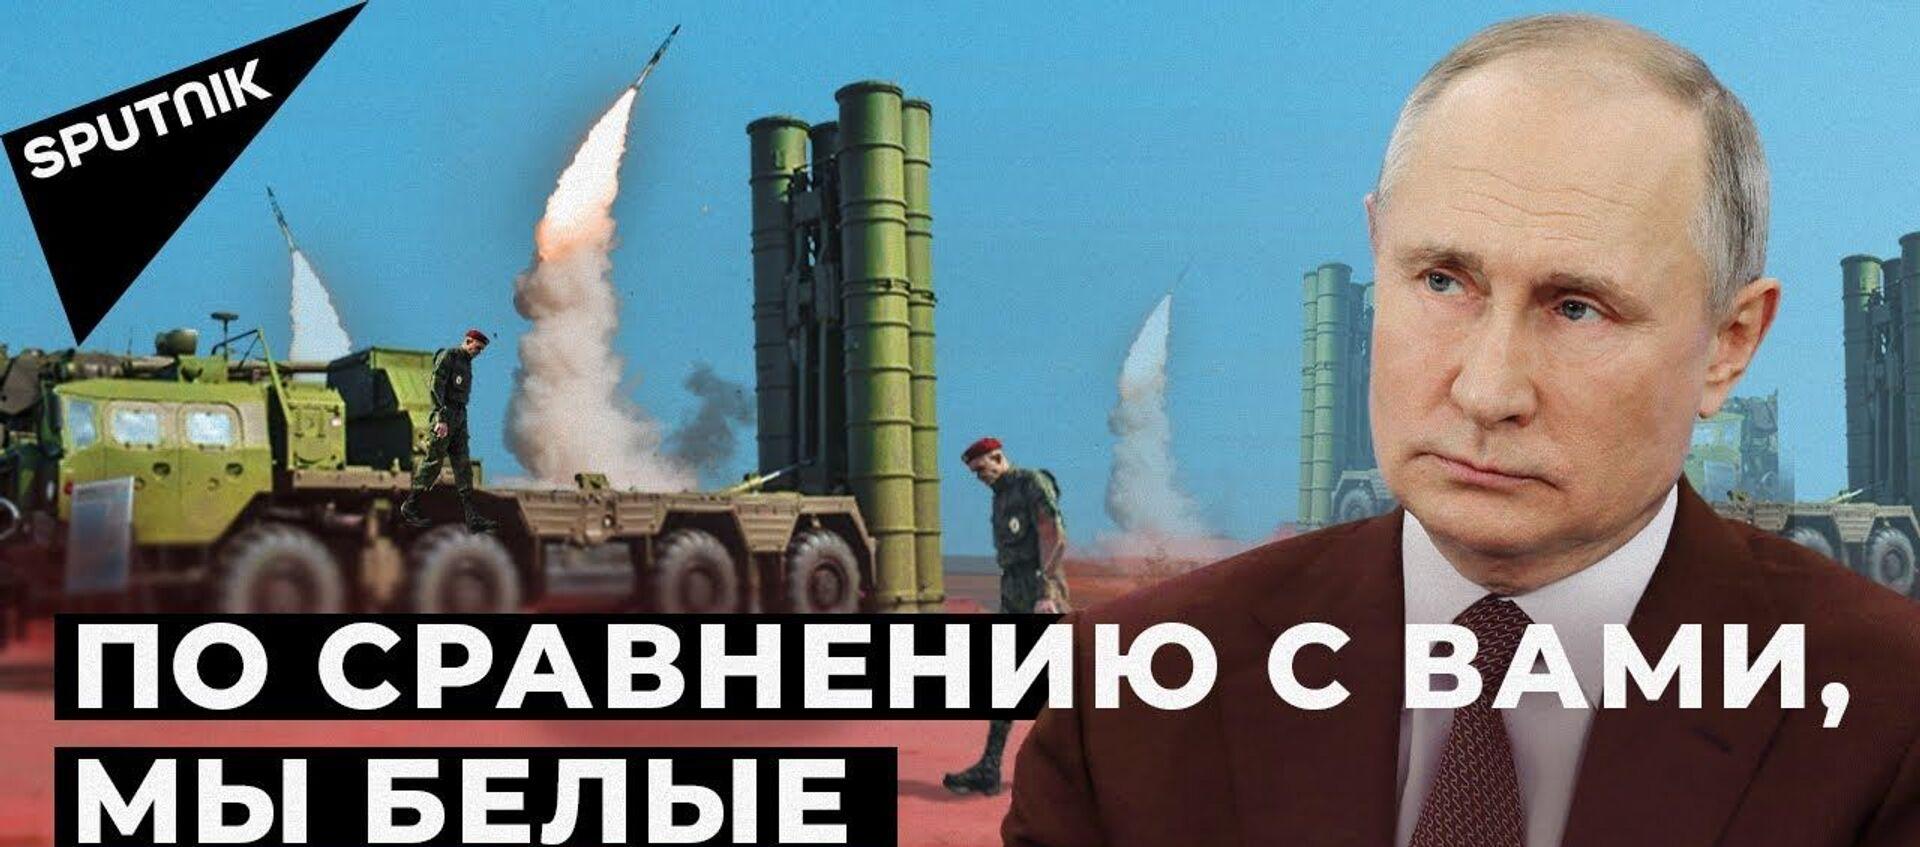 Почему США боятся российских С-400, купленных Турцией? - Sputnik Тоҷикистон, 1920, 20.12.2020